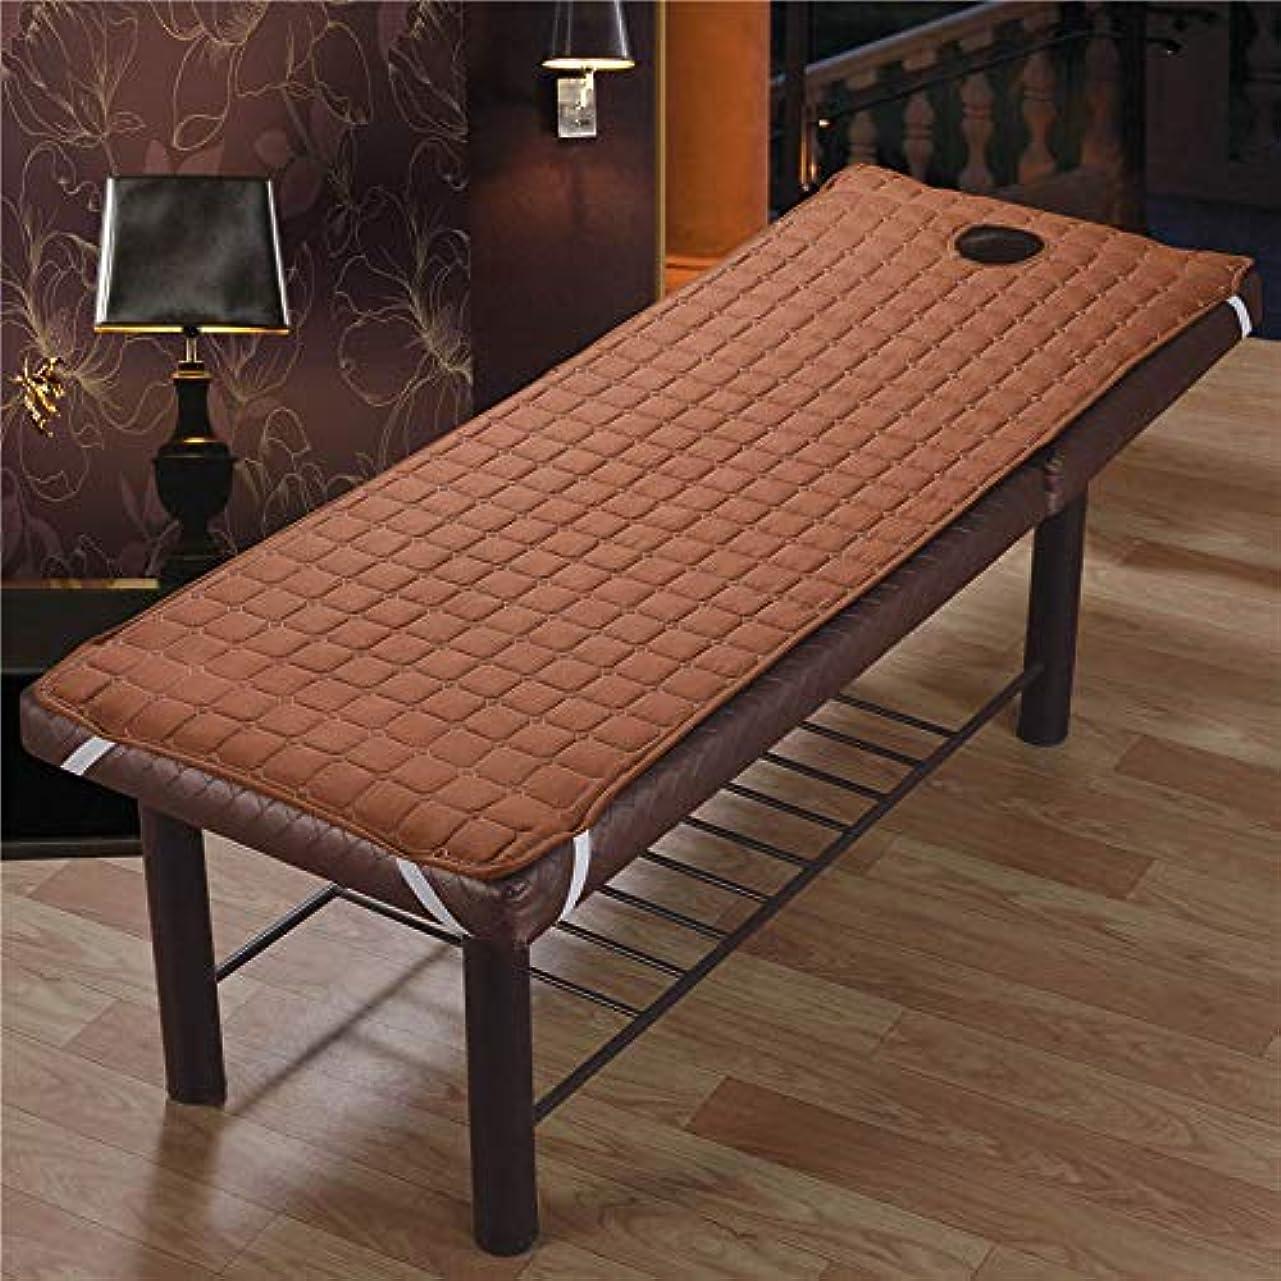 脈拍チャペル重荷CoolTack  美容院のマッサージ療法のベッドのための滑り止めのSoliod色の長方形のマットレス